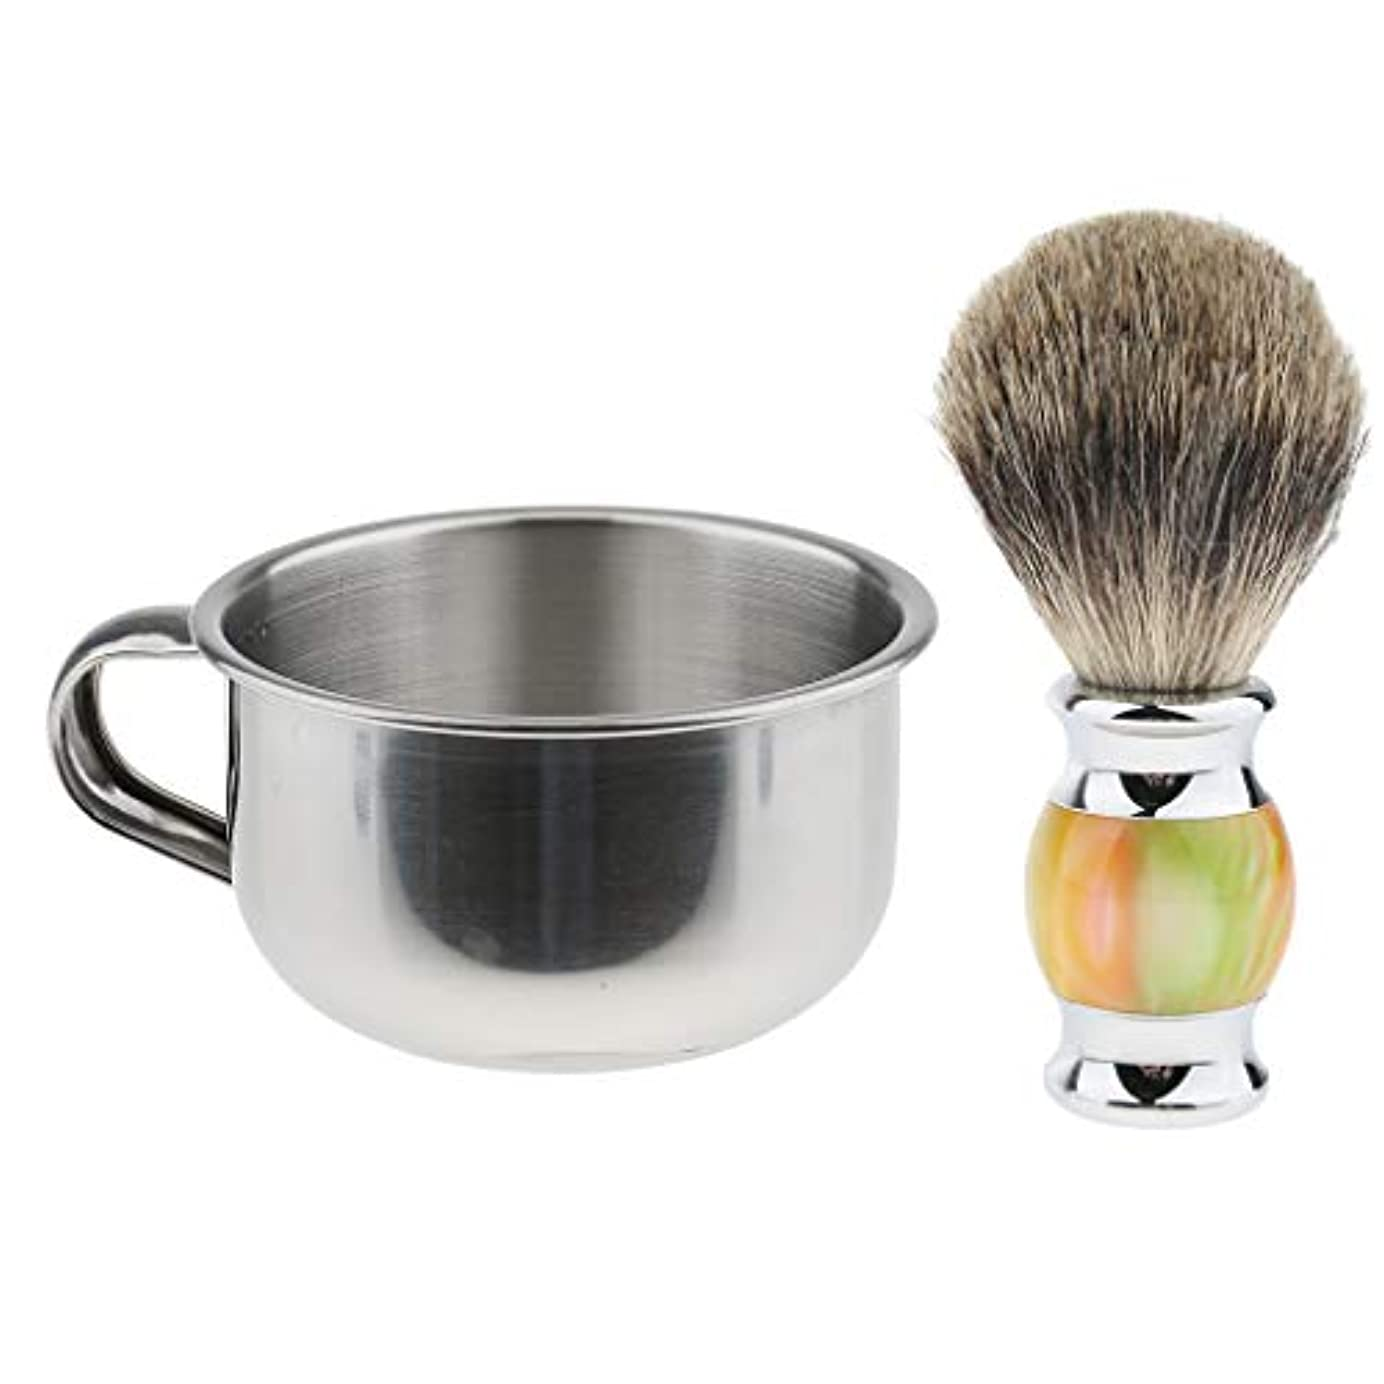 留め金応じる理論dailymall ハンドルが付いている8cmのステンレス鋼の人の剃るボールのコップのマグ+剃るブラシセット